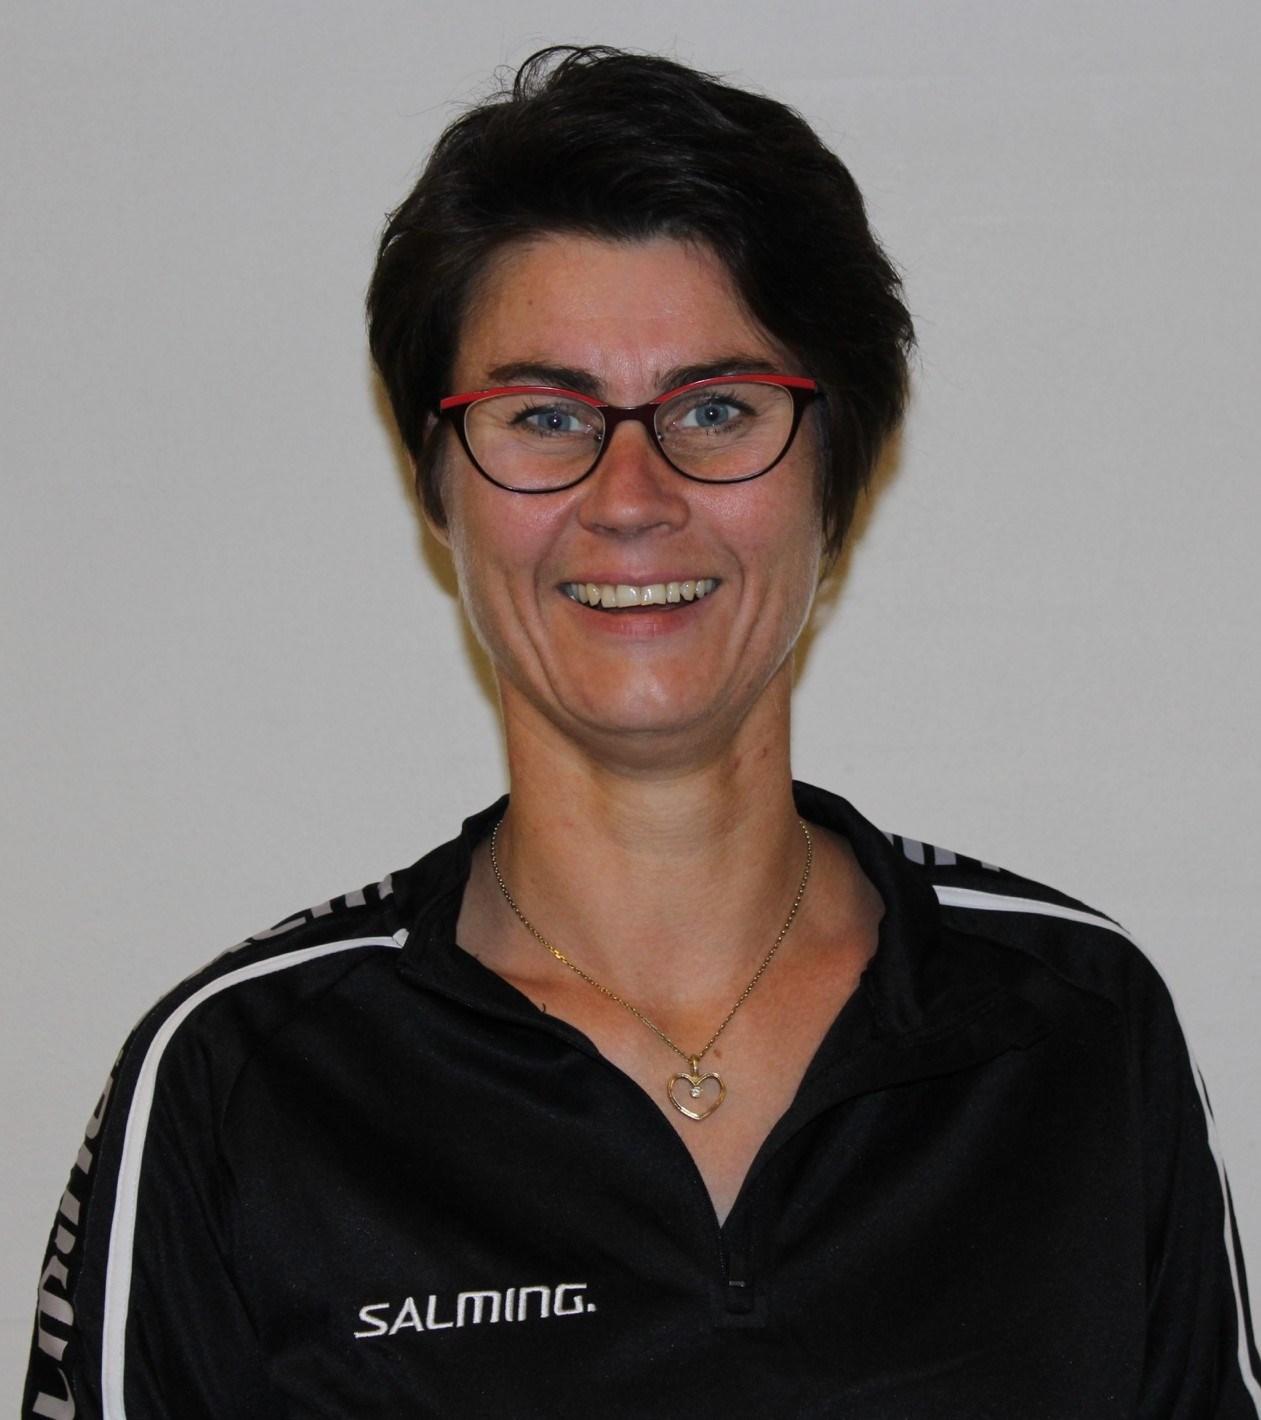 Hanne Brask